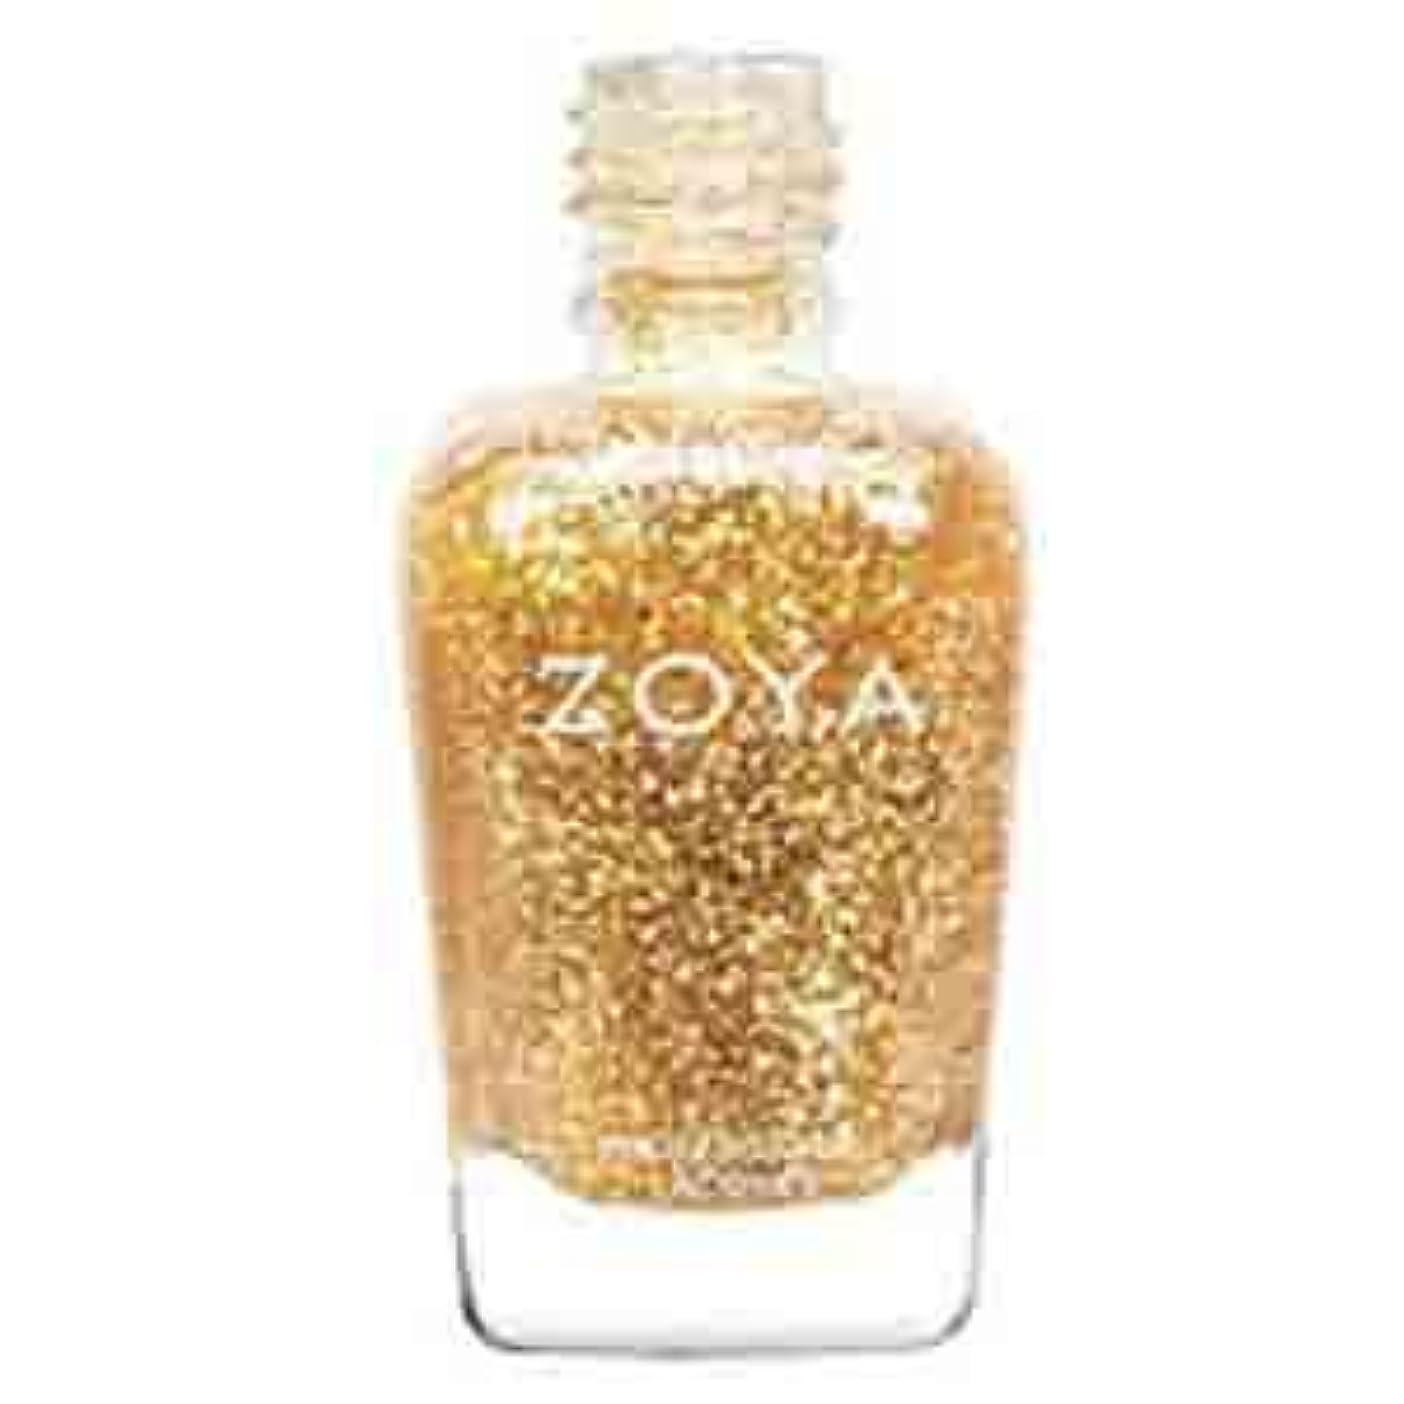 応用デコードするエール【ZOYA 】ZP662-Maria-Luisa(Fallコレクション)